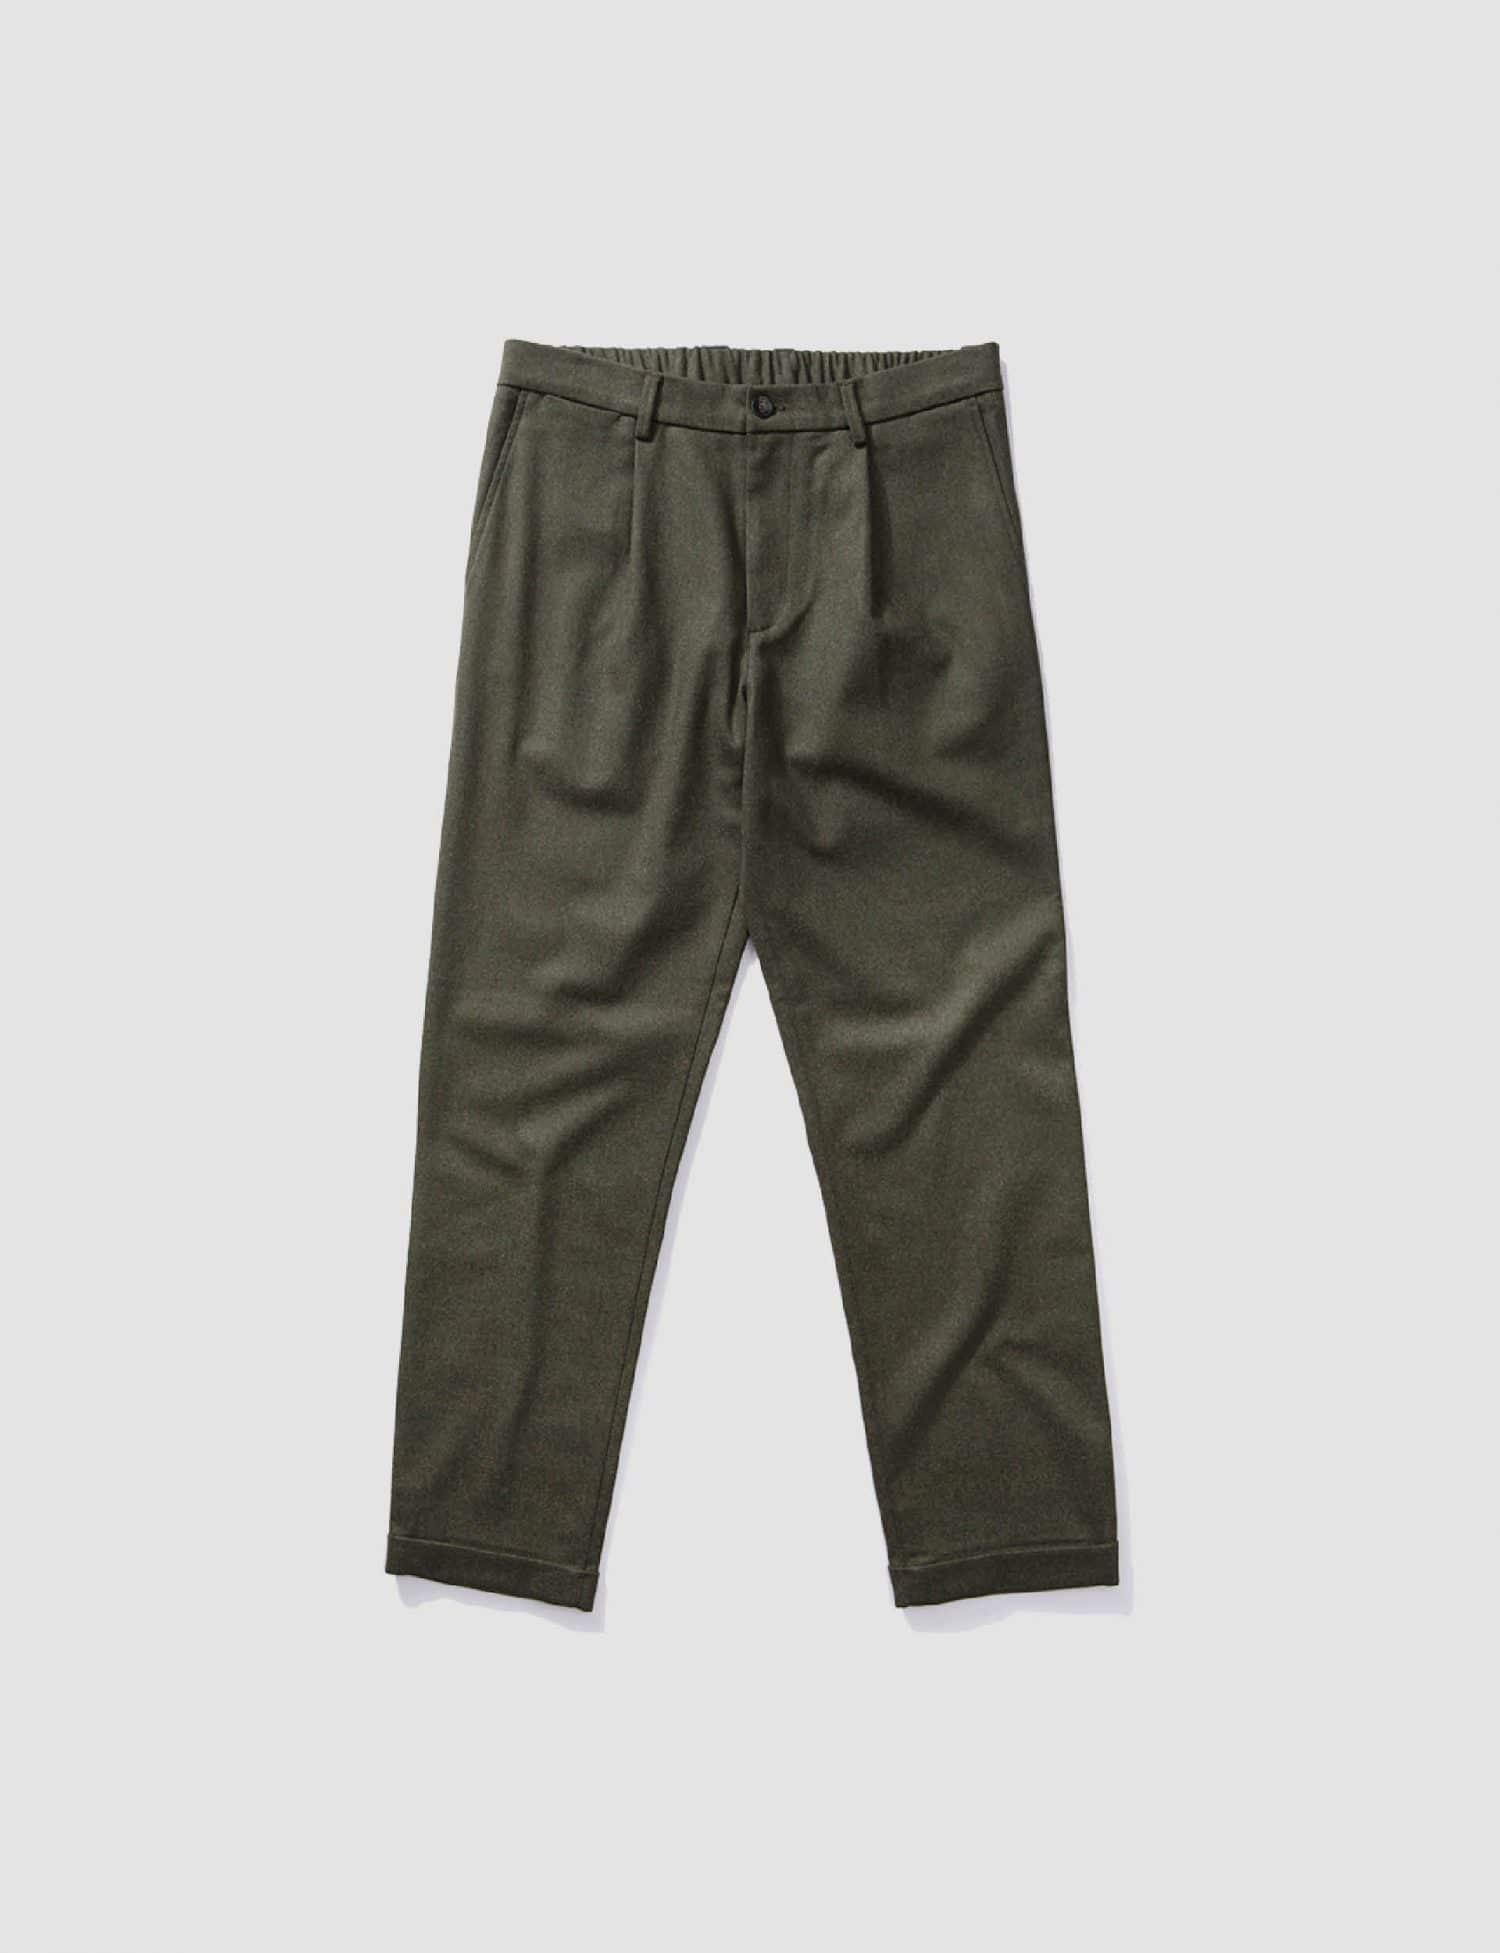 Castart - Edmmond - Jack pants - Khaki